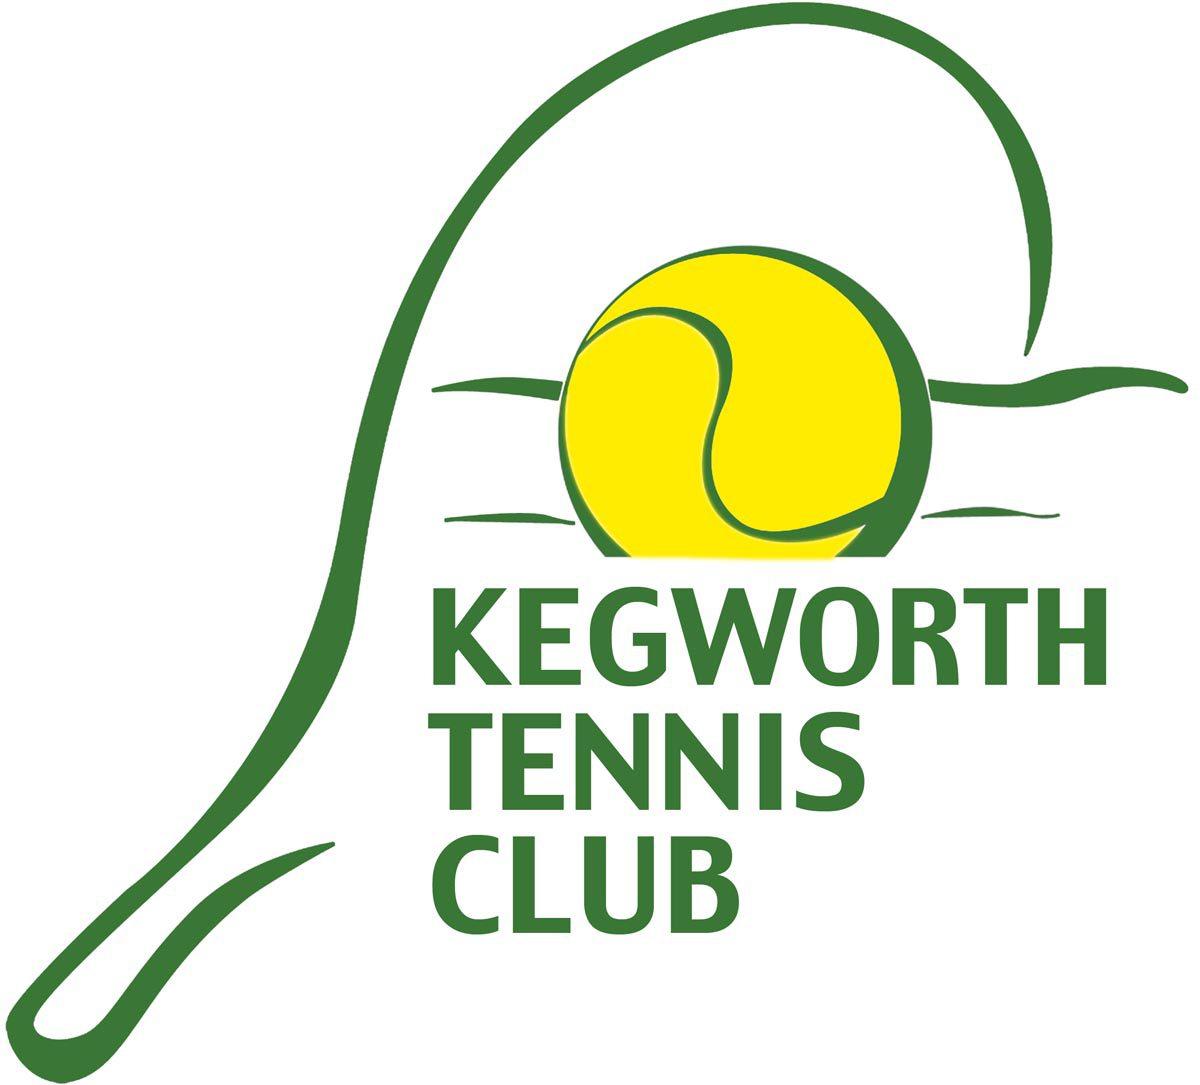 Kegworth Tennis Club